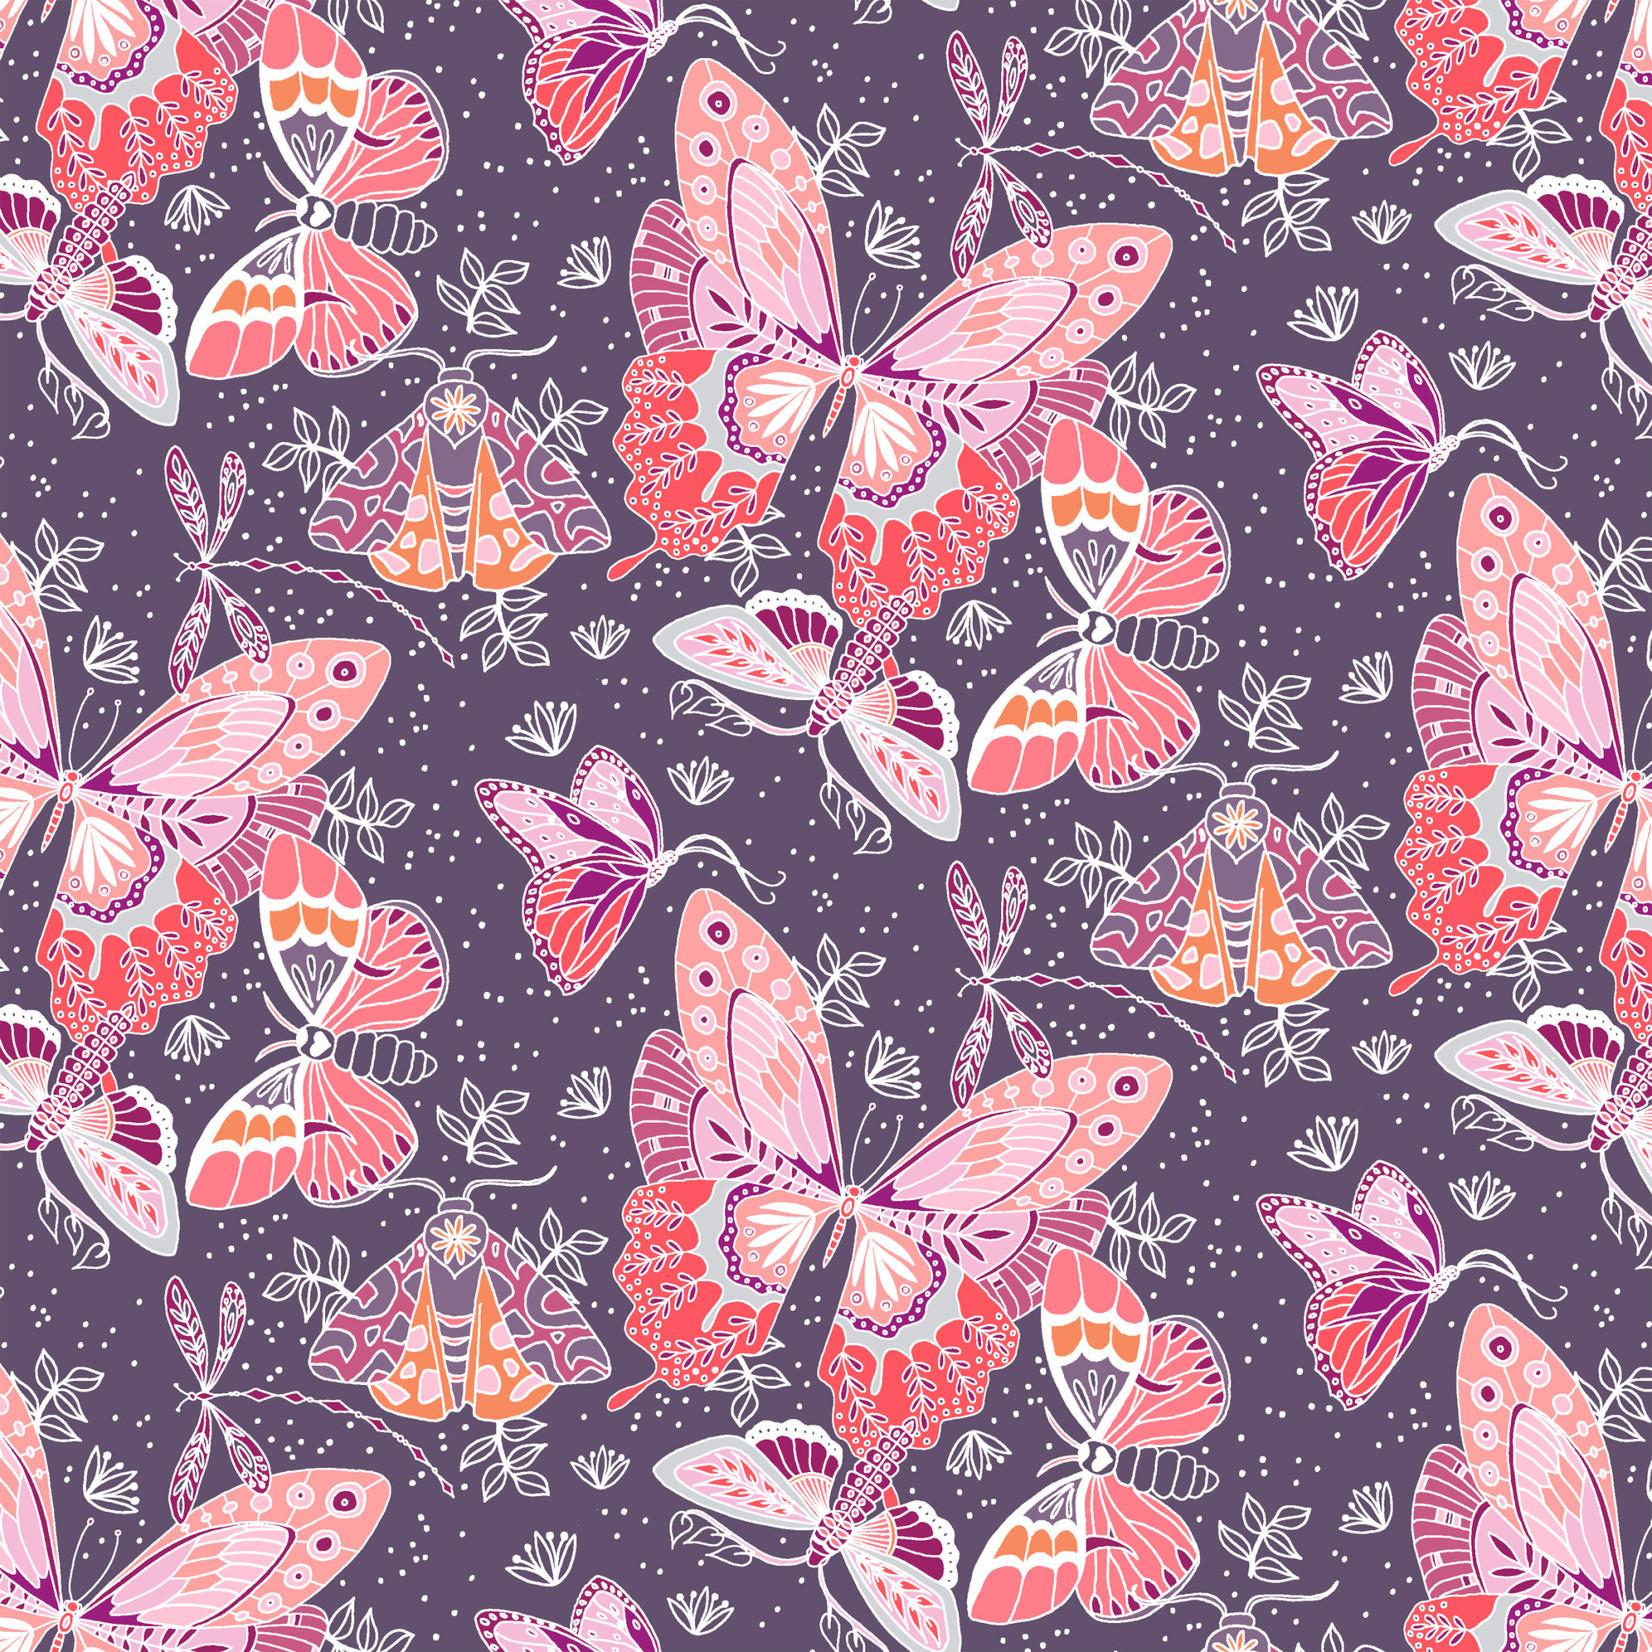 Windham Fabrics Aerial - Flock - Grape